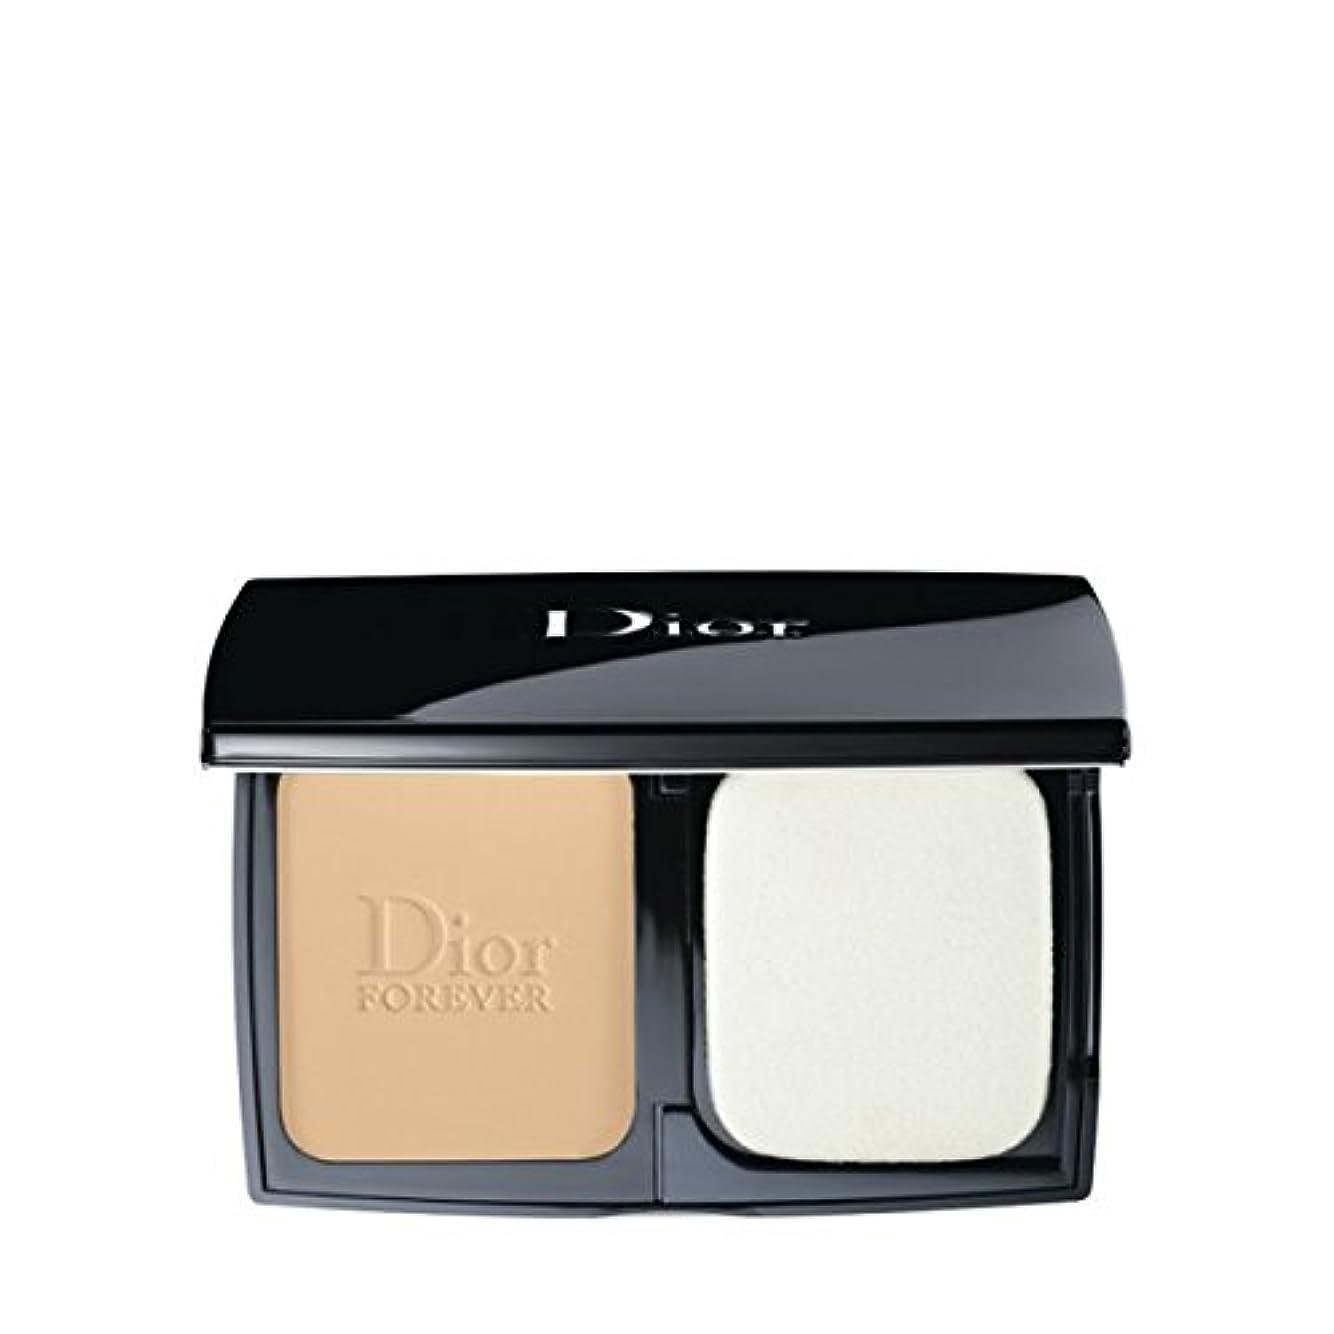 降臨差別的状Dior(ディオール) ディオールスキン フォーエヴァー コンパクト エクストレム コントロール (#023:ピーチ)